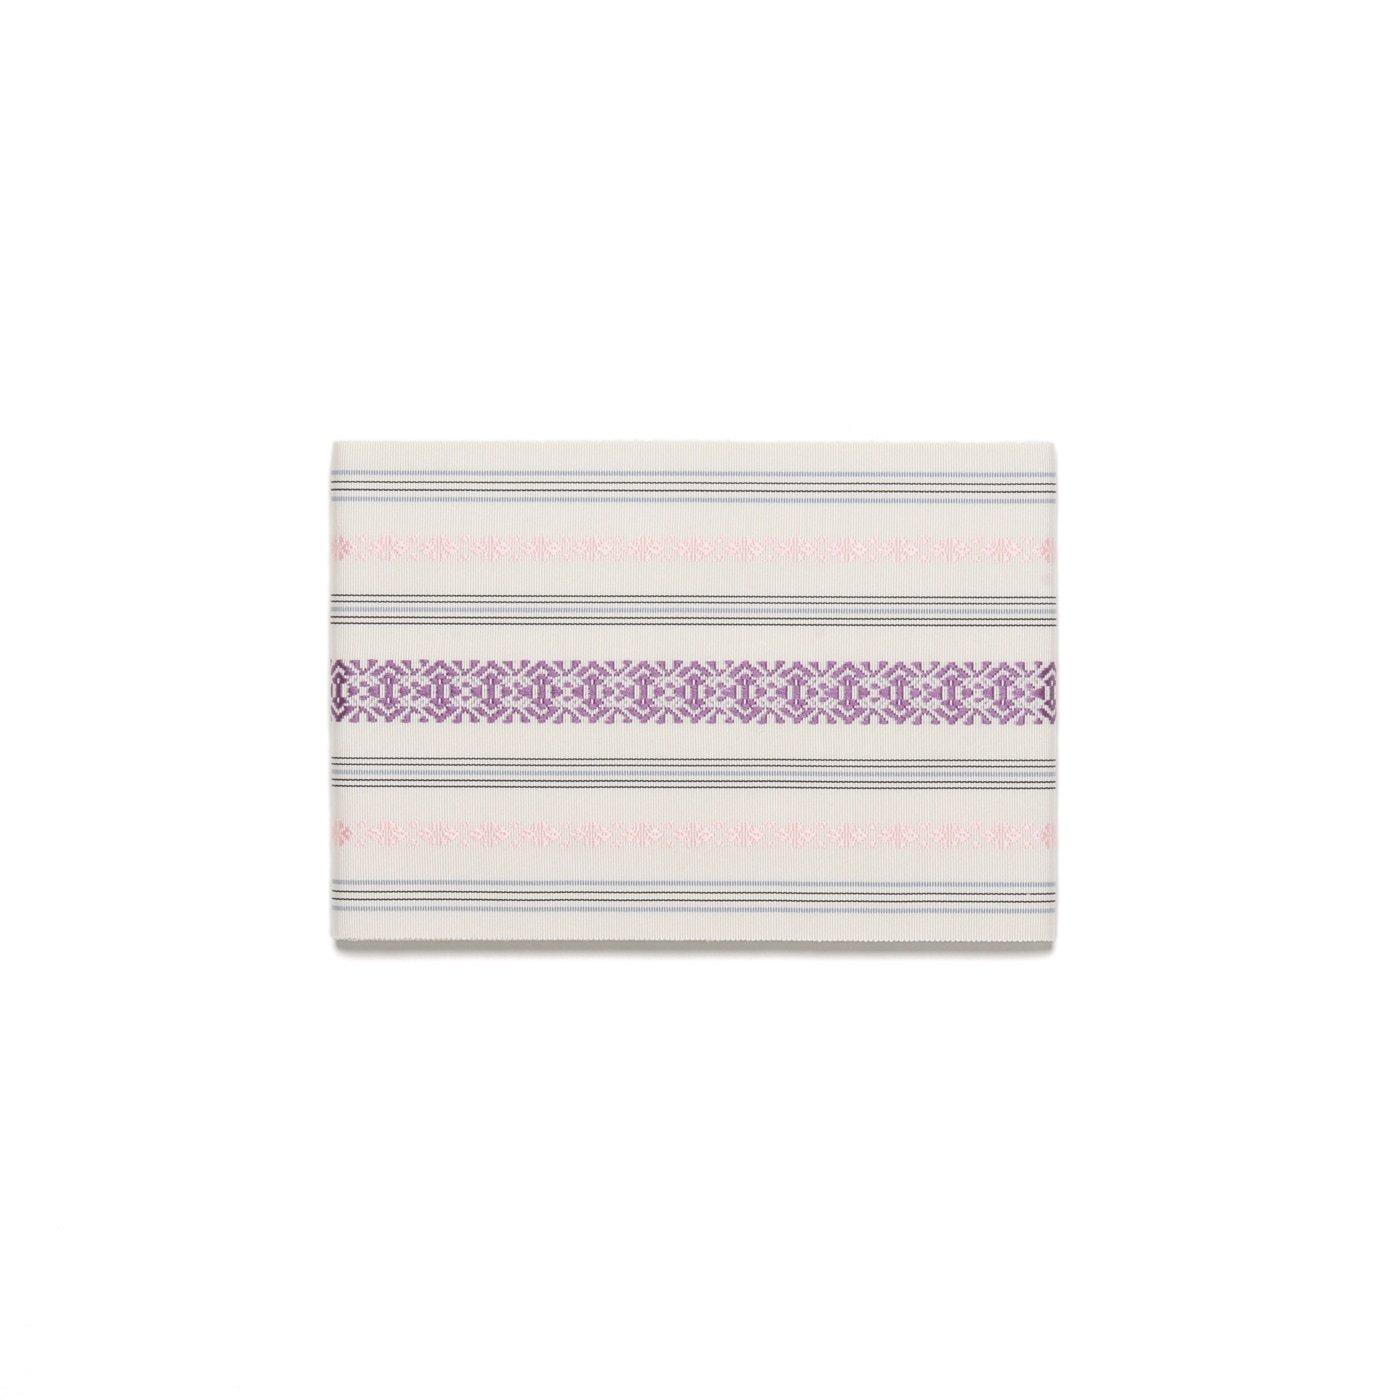 「本場筑前博多半幅帯 白地に紫・桃」の商品画像